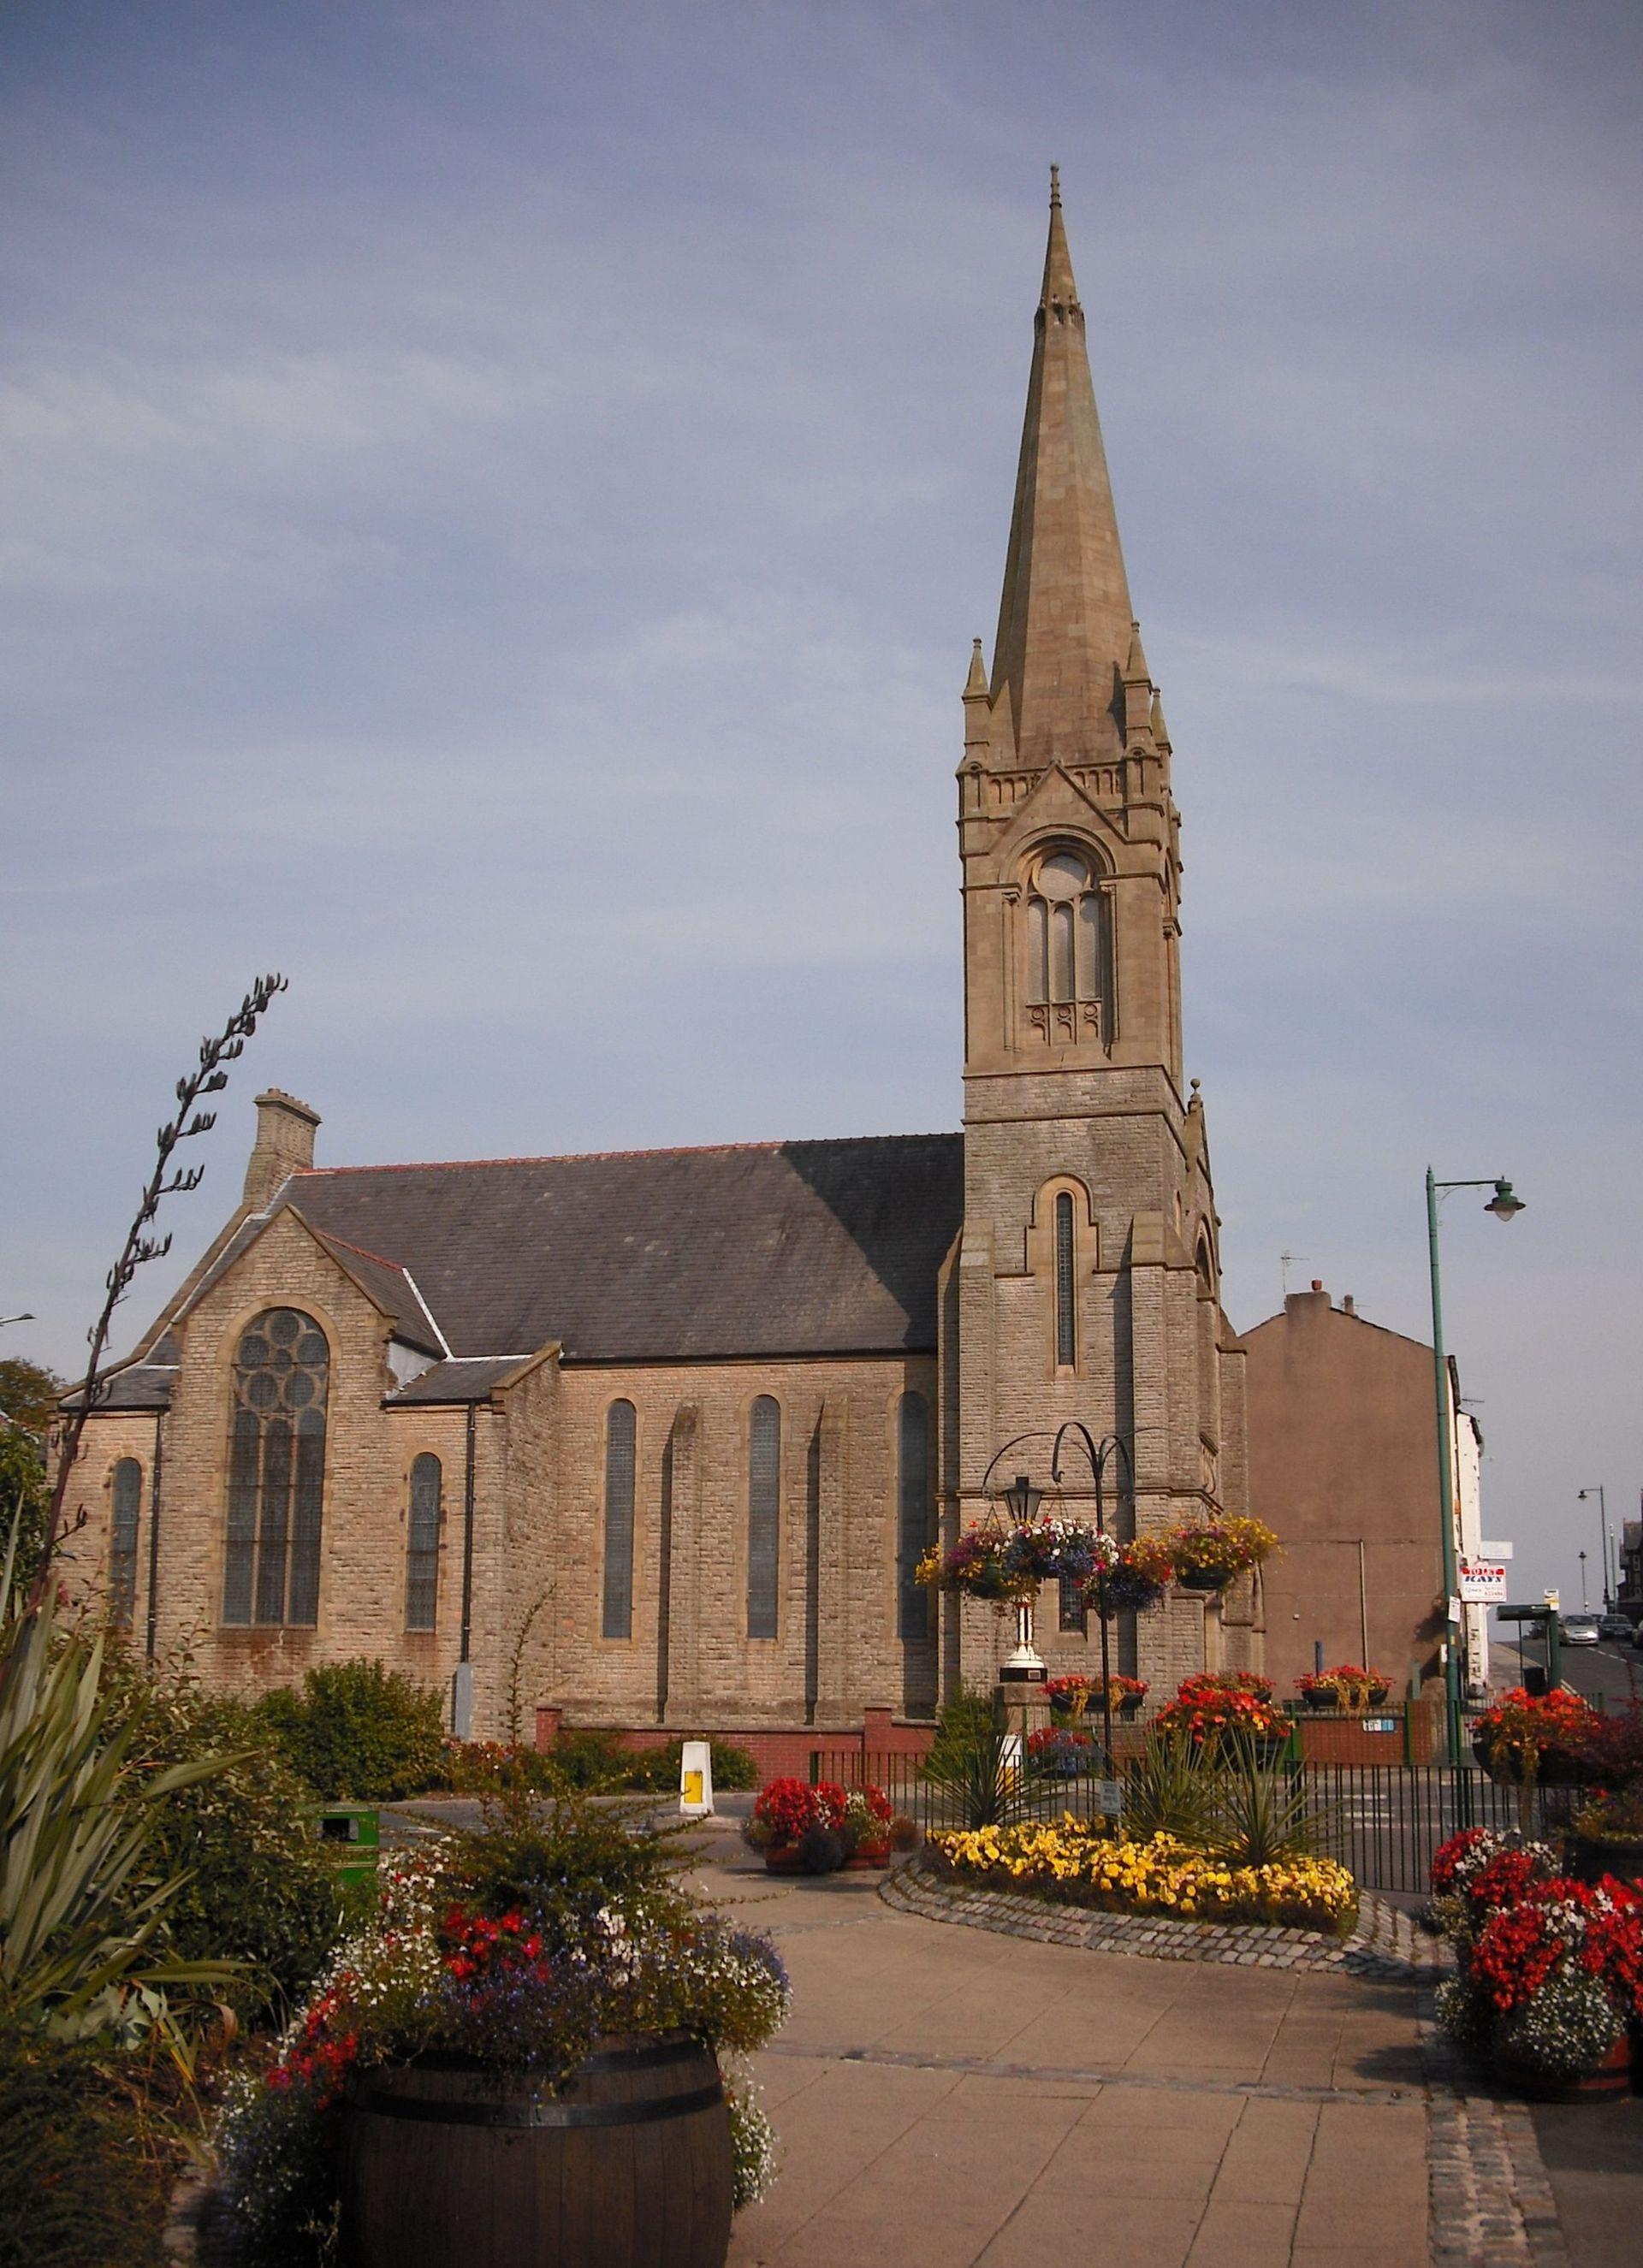 kirkham lancashire wikipedia